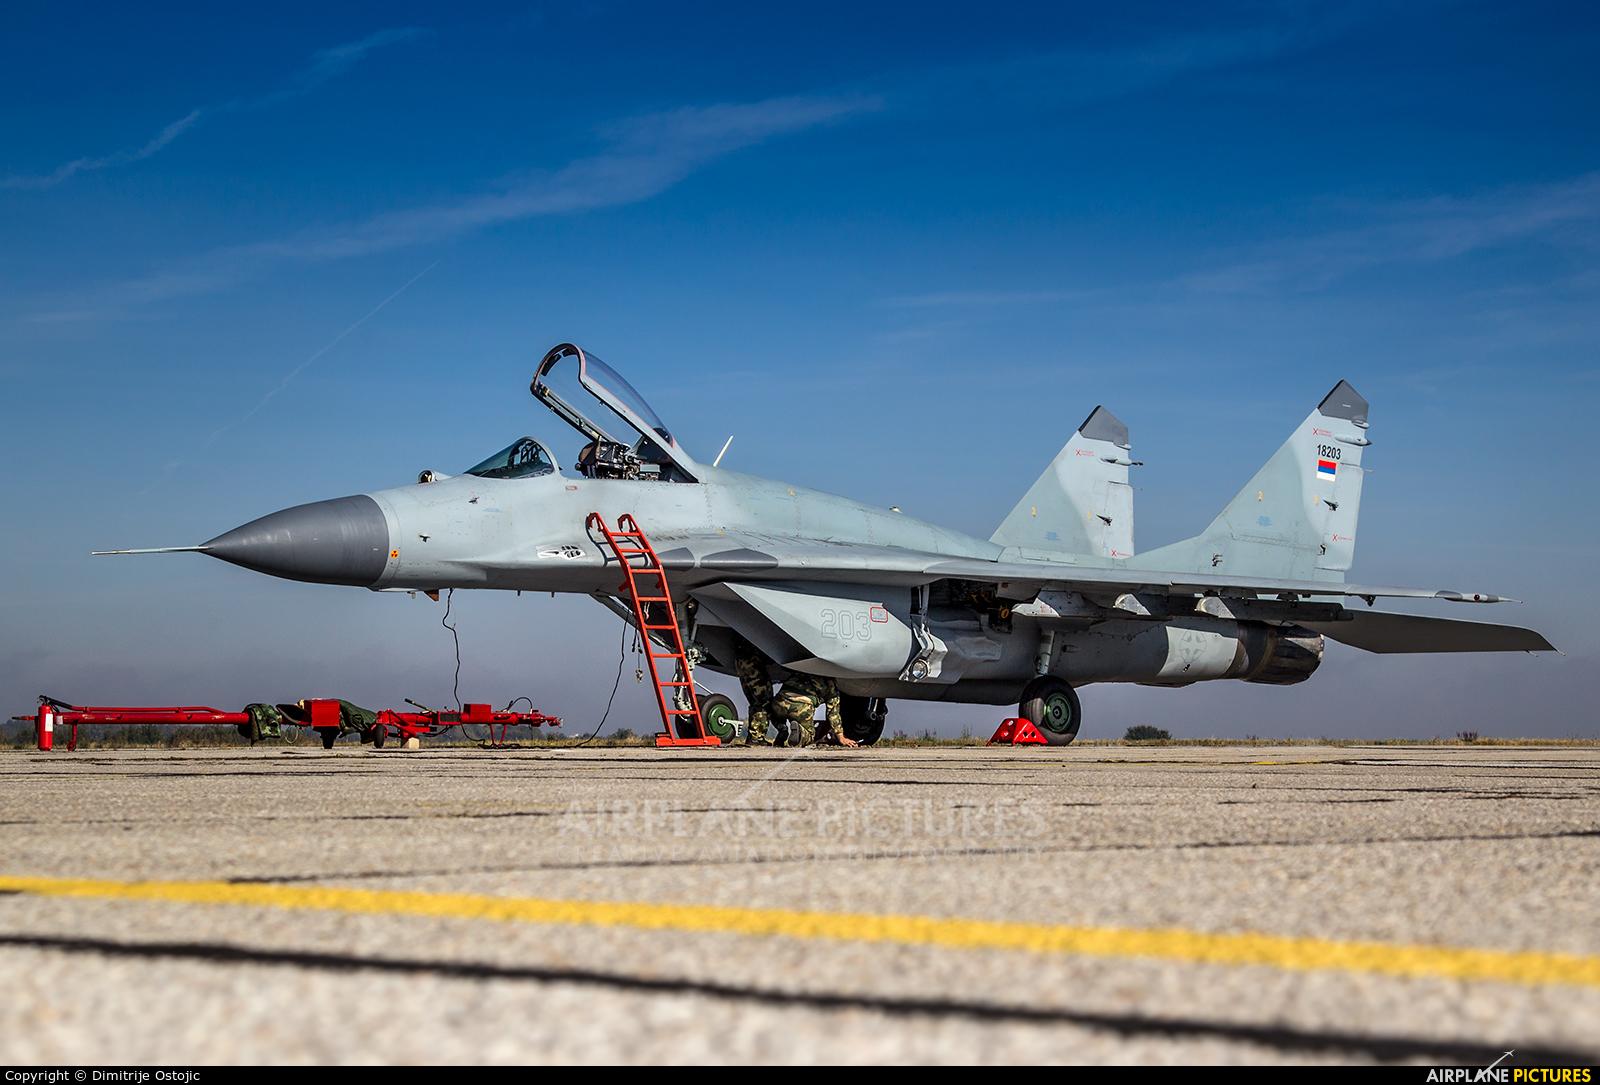 Serbia - Air Force 18203 aircraft at Batajnica